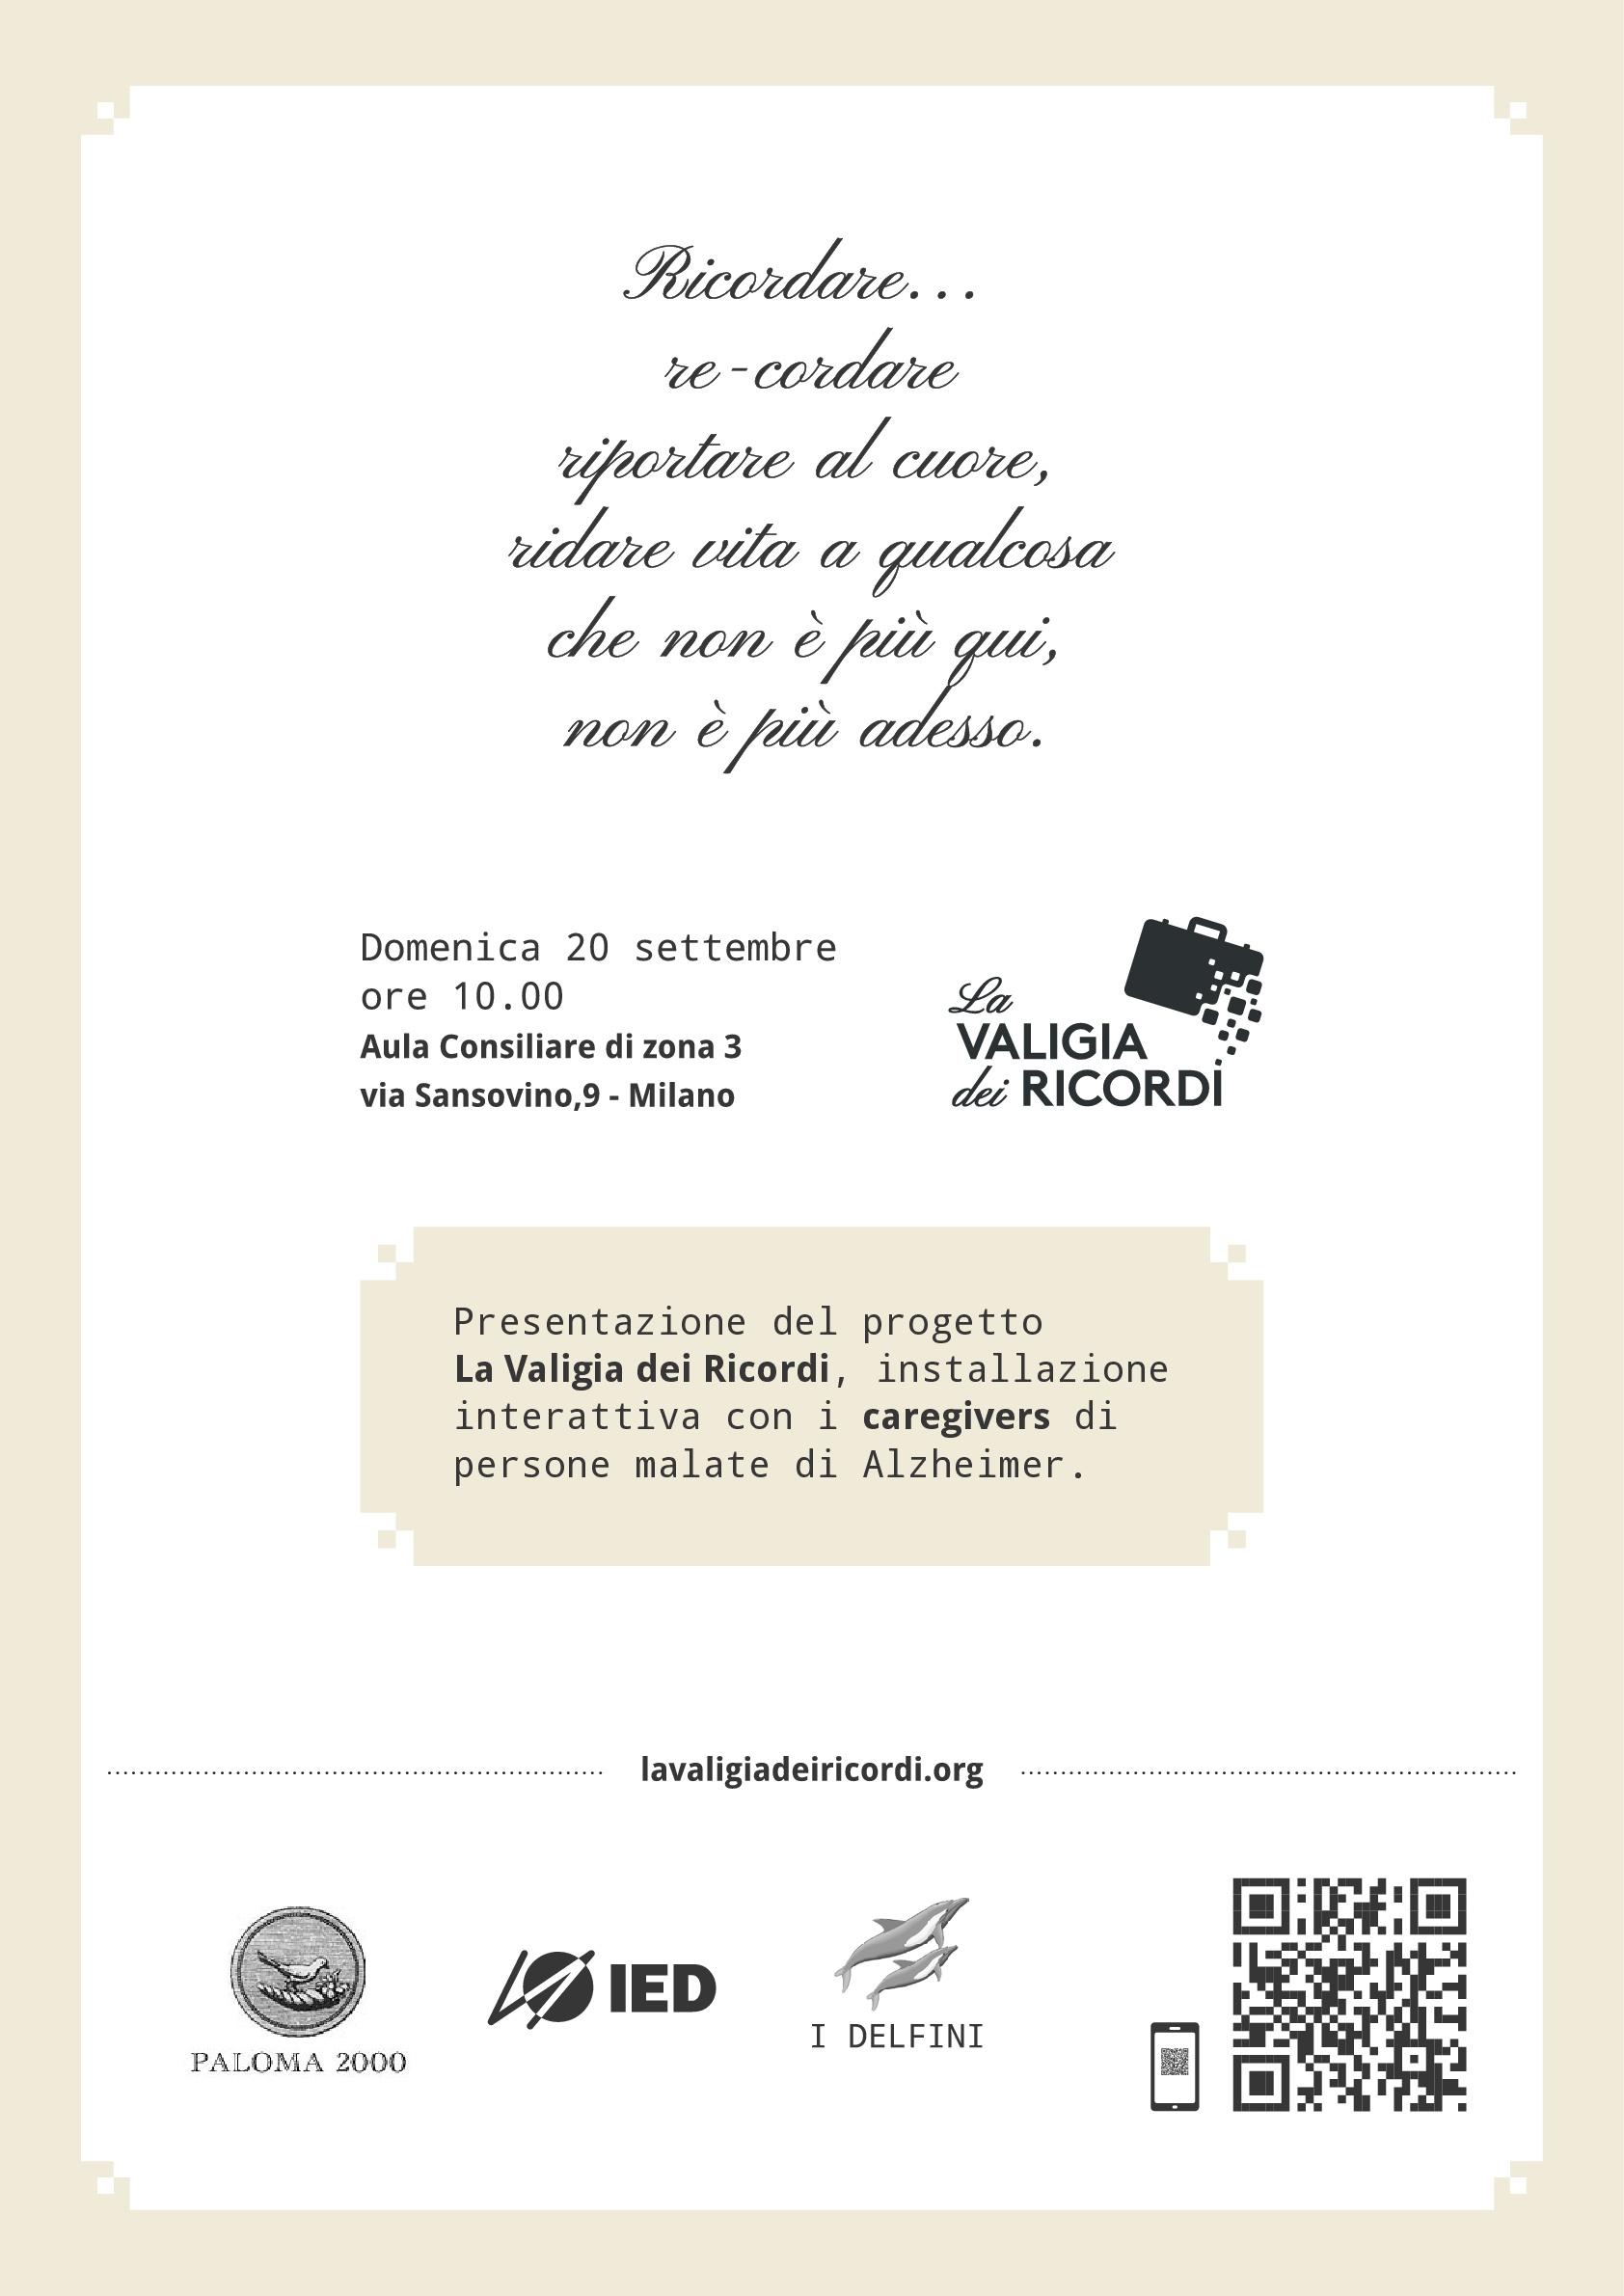 Invito 20.09.2015 (2)-001